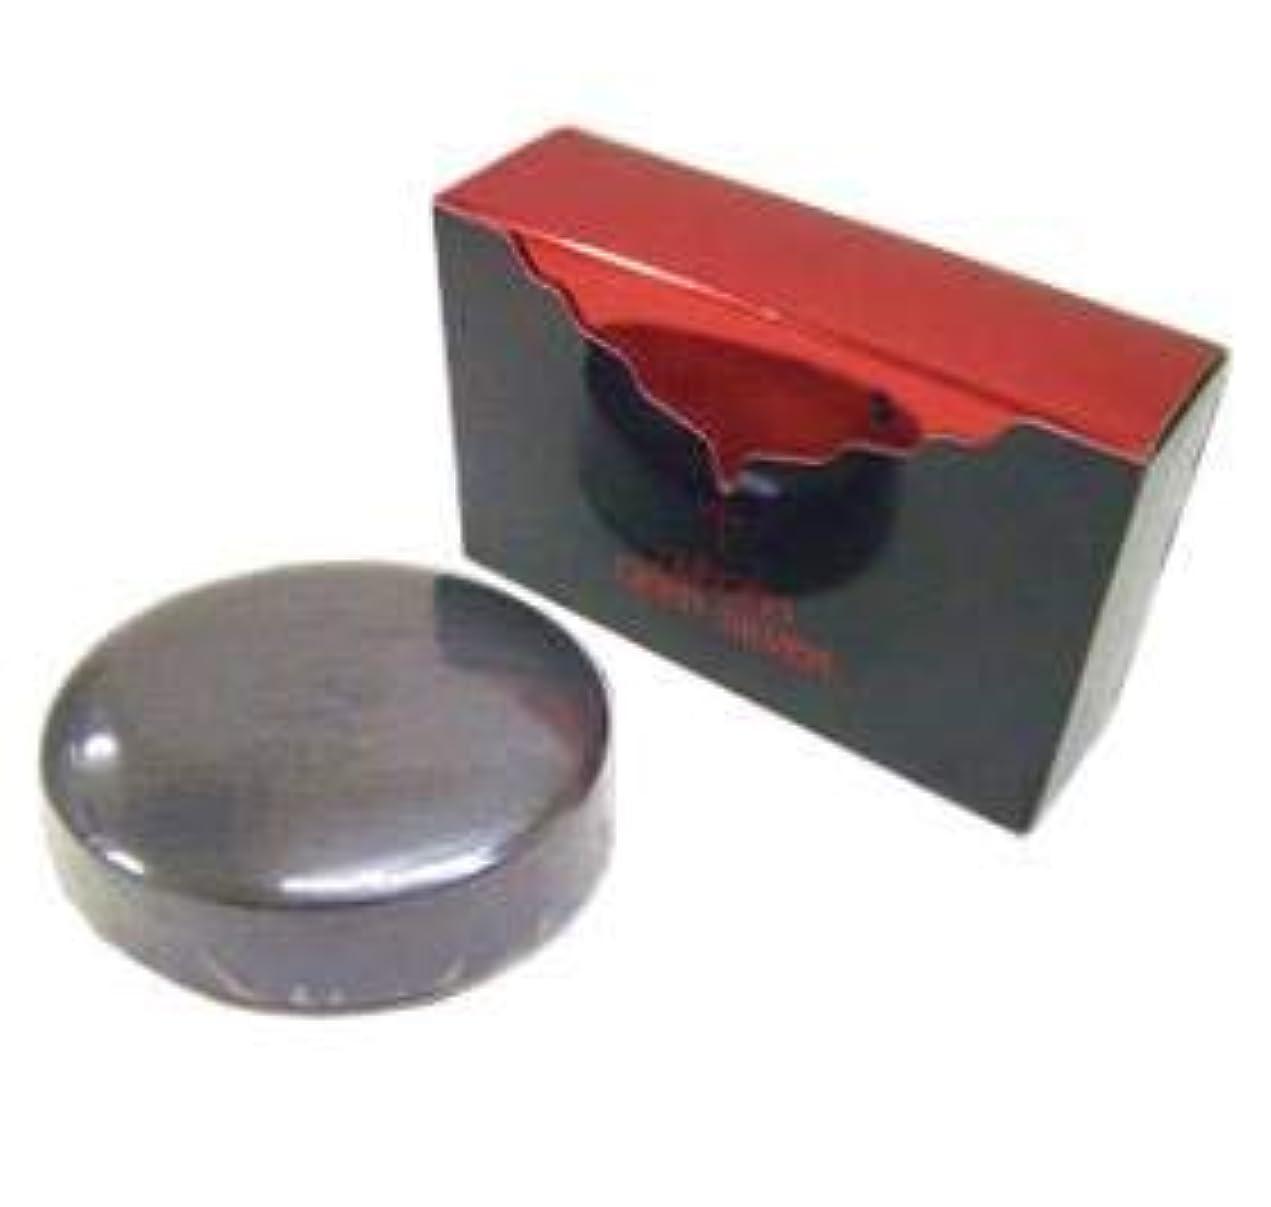 下るオーバーコートメイドコスメ2000 オーロラ クィーンシルバー(枠練洗顔石鹸)(100g)